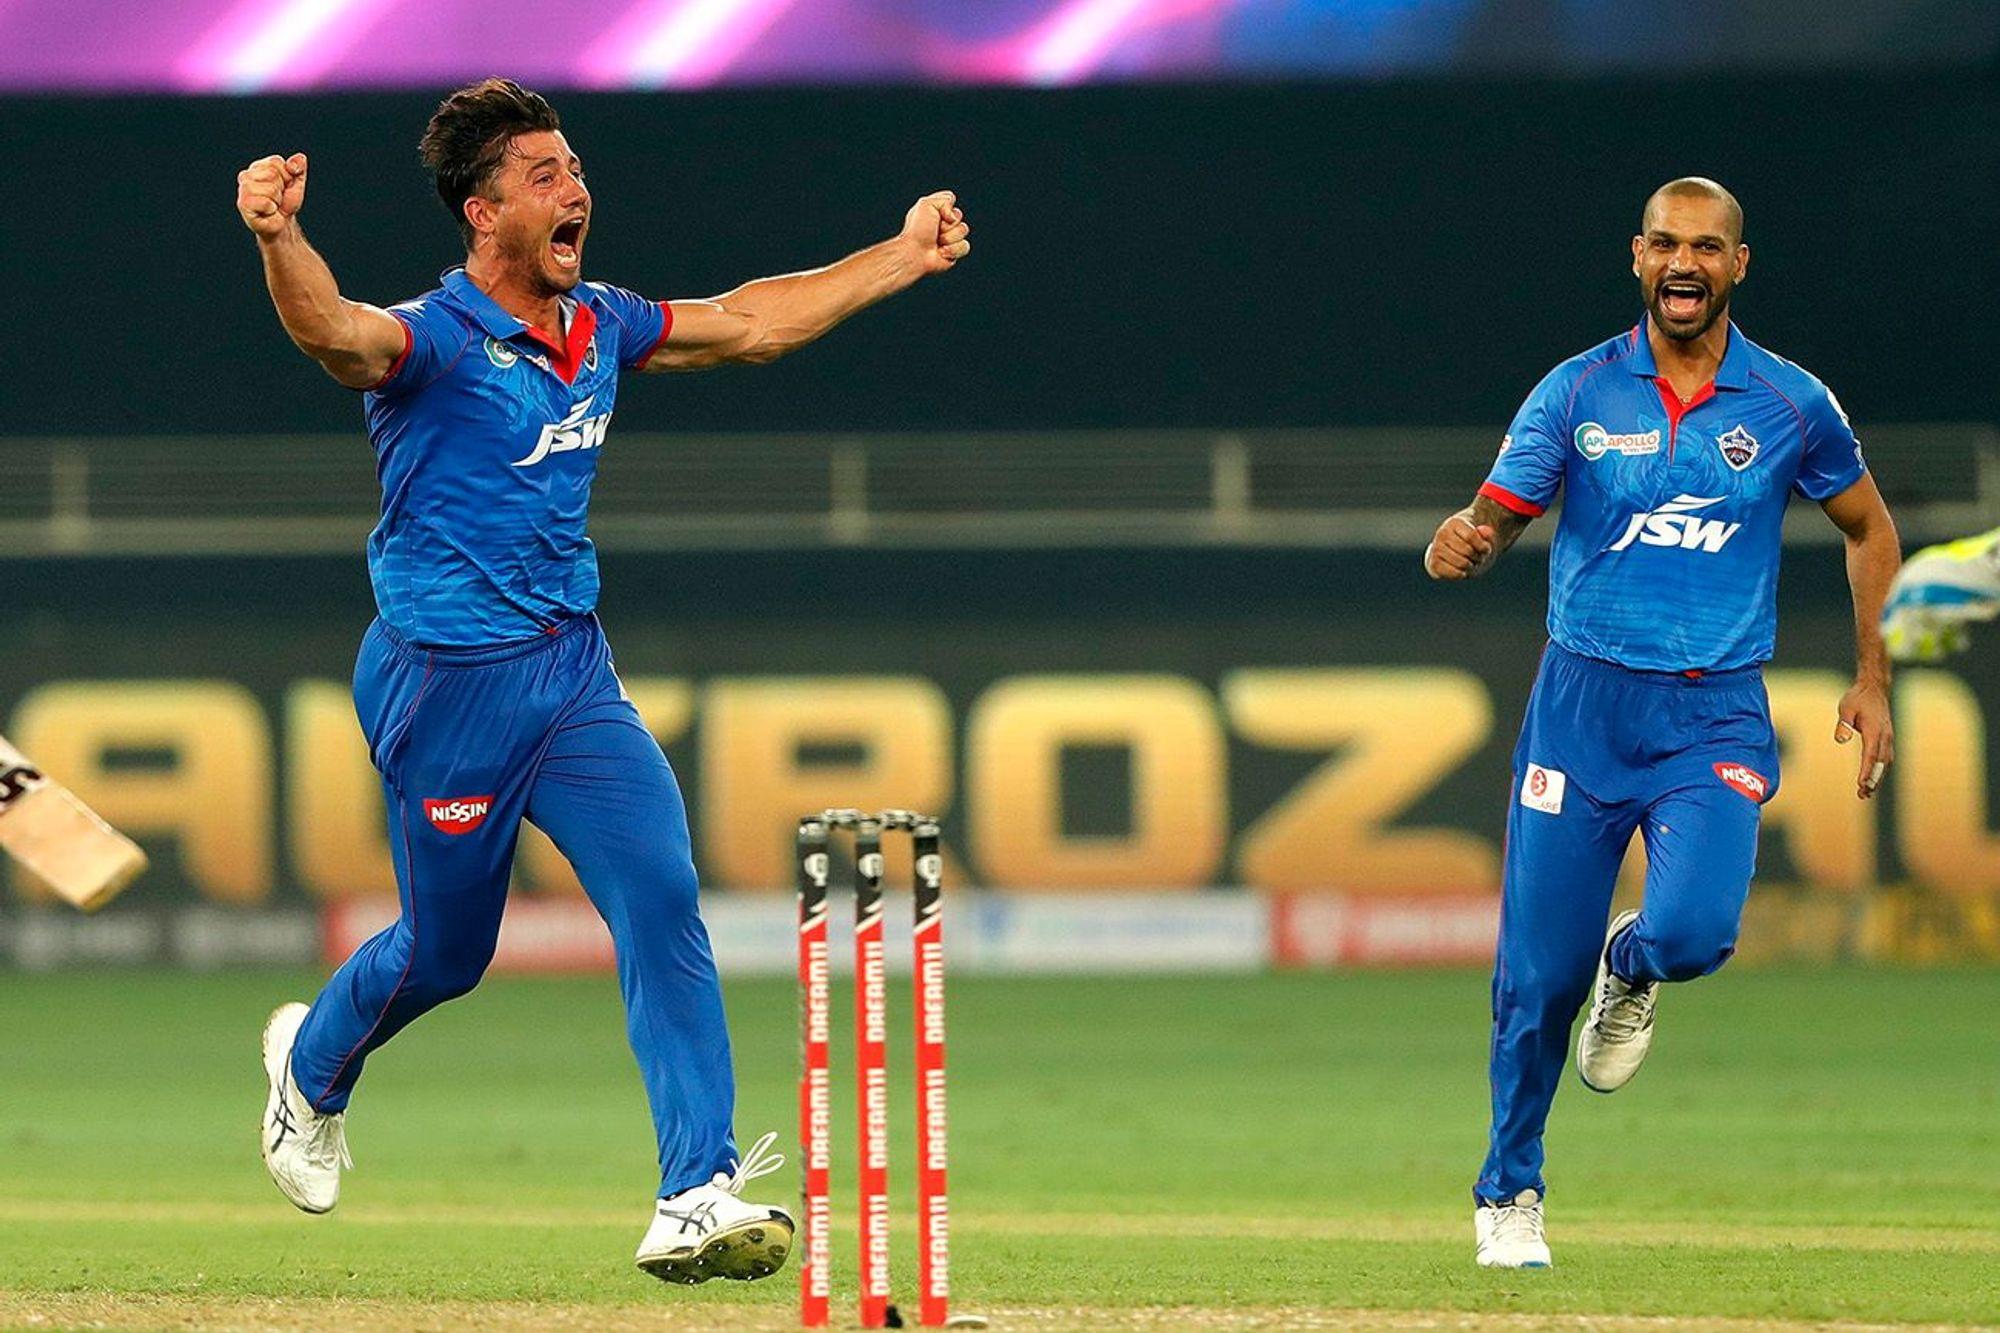 IPL 2021: दिल्ली कैपिटल्स के 4 विदेशी ख़िलाड़ी जो इस सीजन लगातार खेलते आयेंगे नजर 2